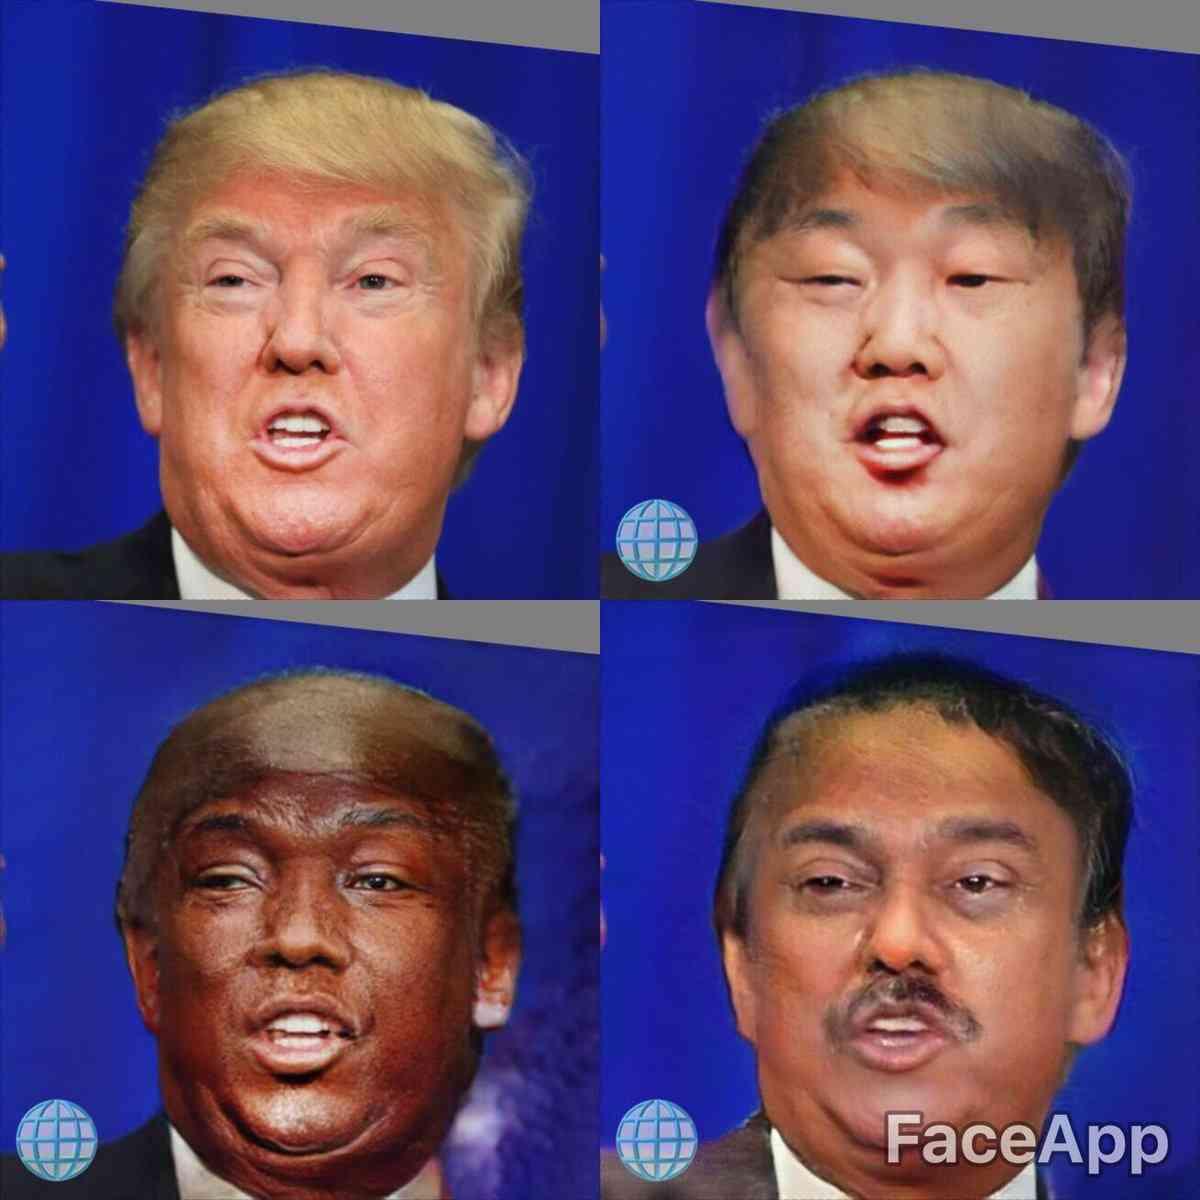 白人の顔が黒人に!人気アプリの「人種」を変える機能に批判殺到